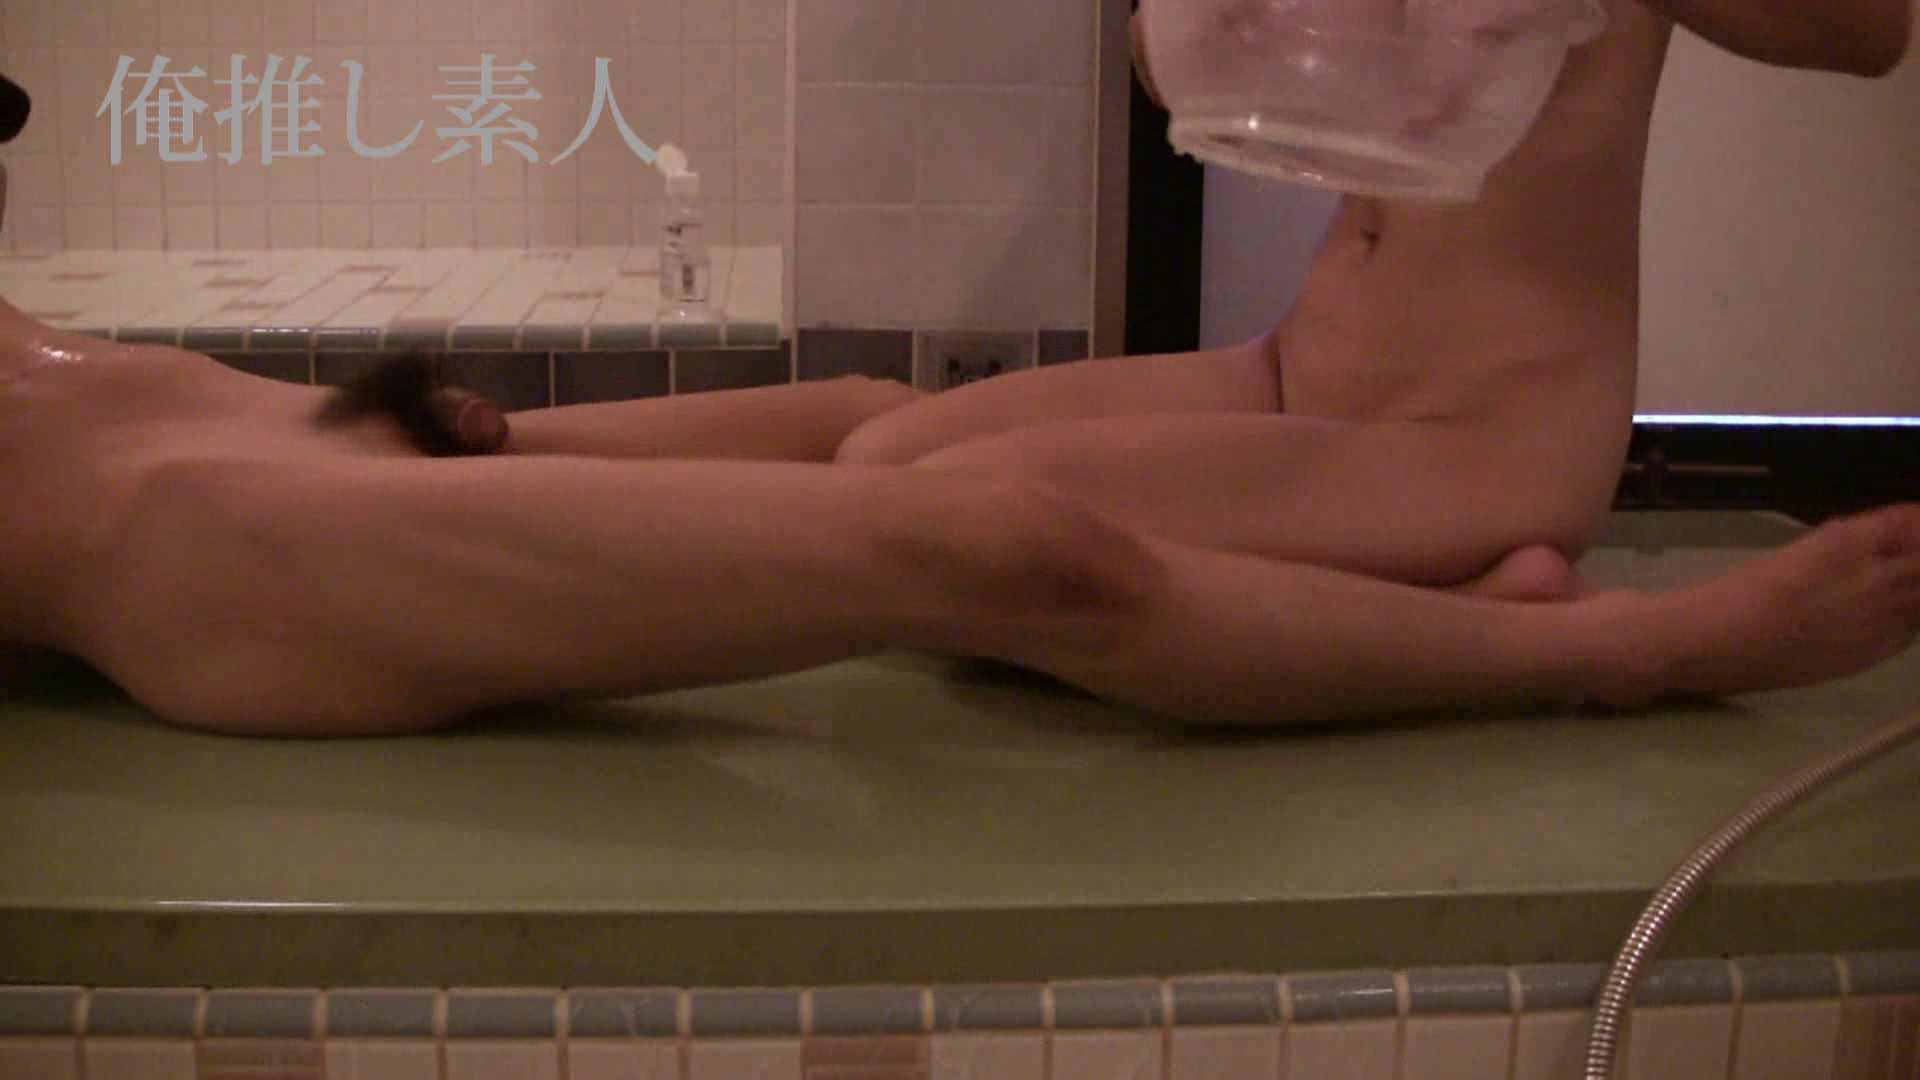 俺推し素人 30代人妻熟女キャバ嬢雫Vol.02 素人 エロ画像 33連発 15